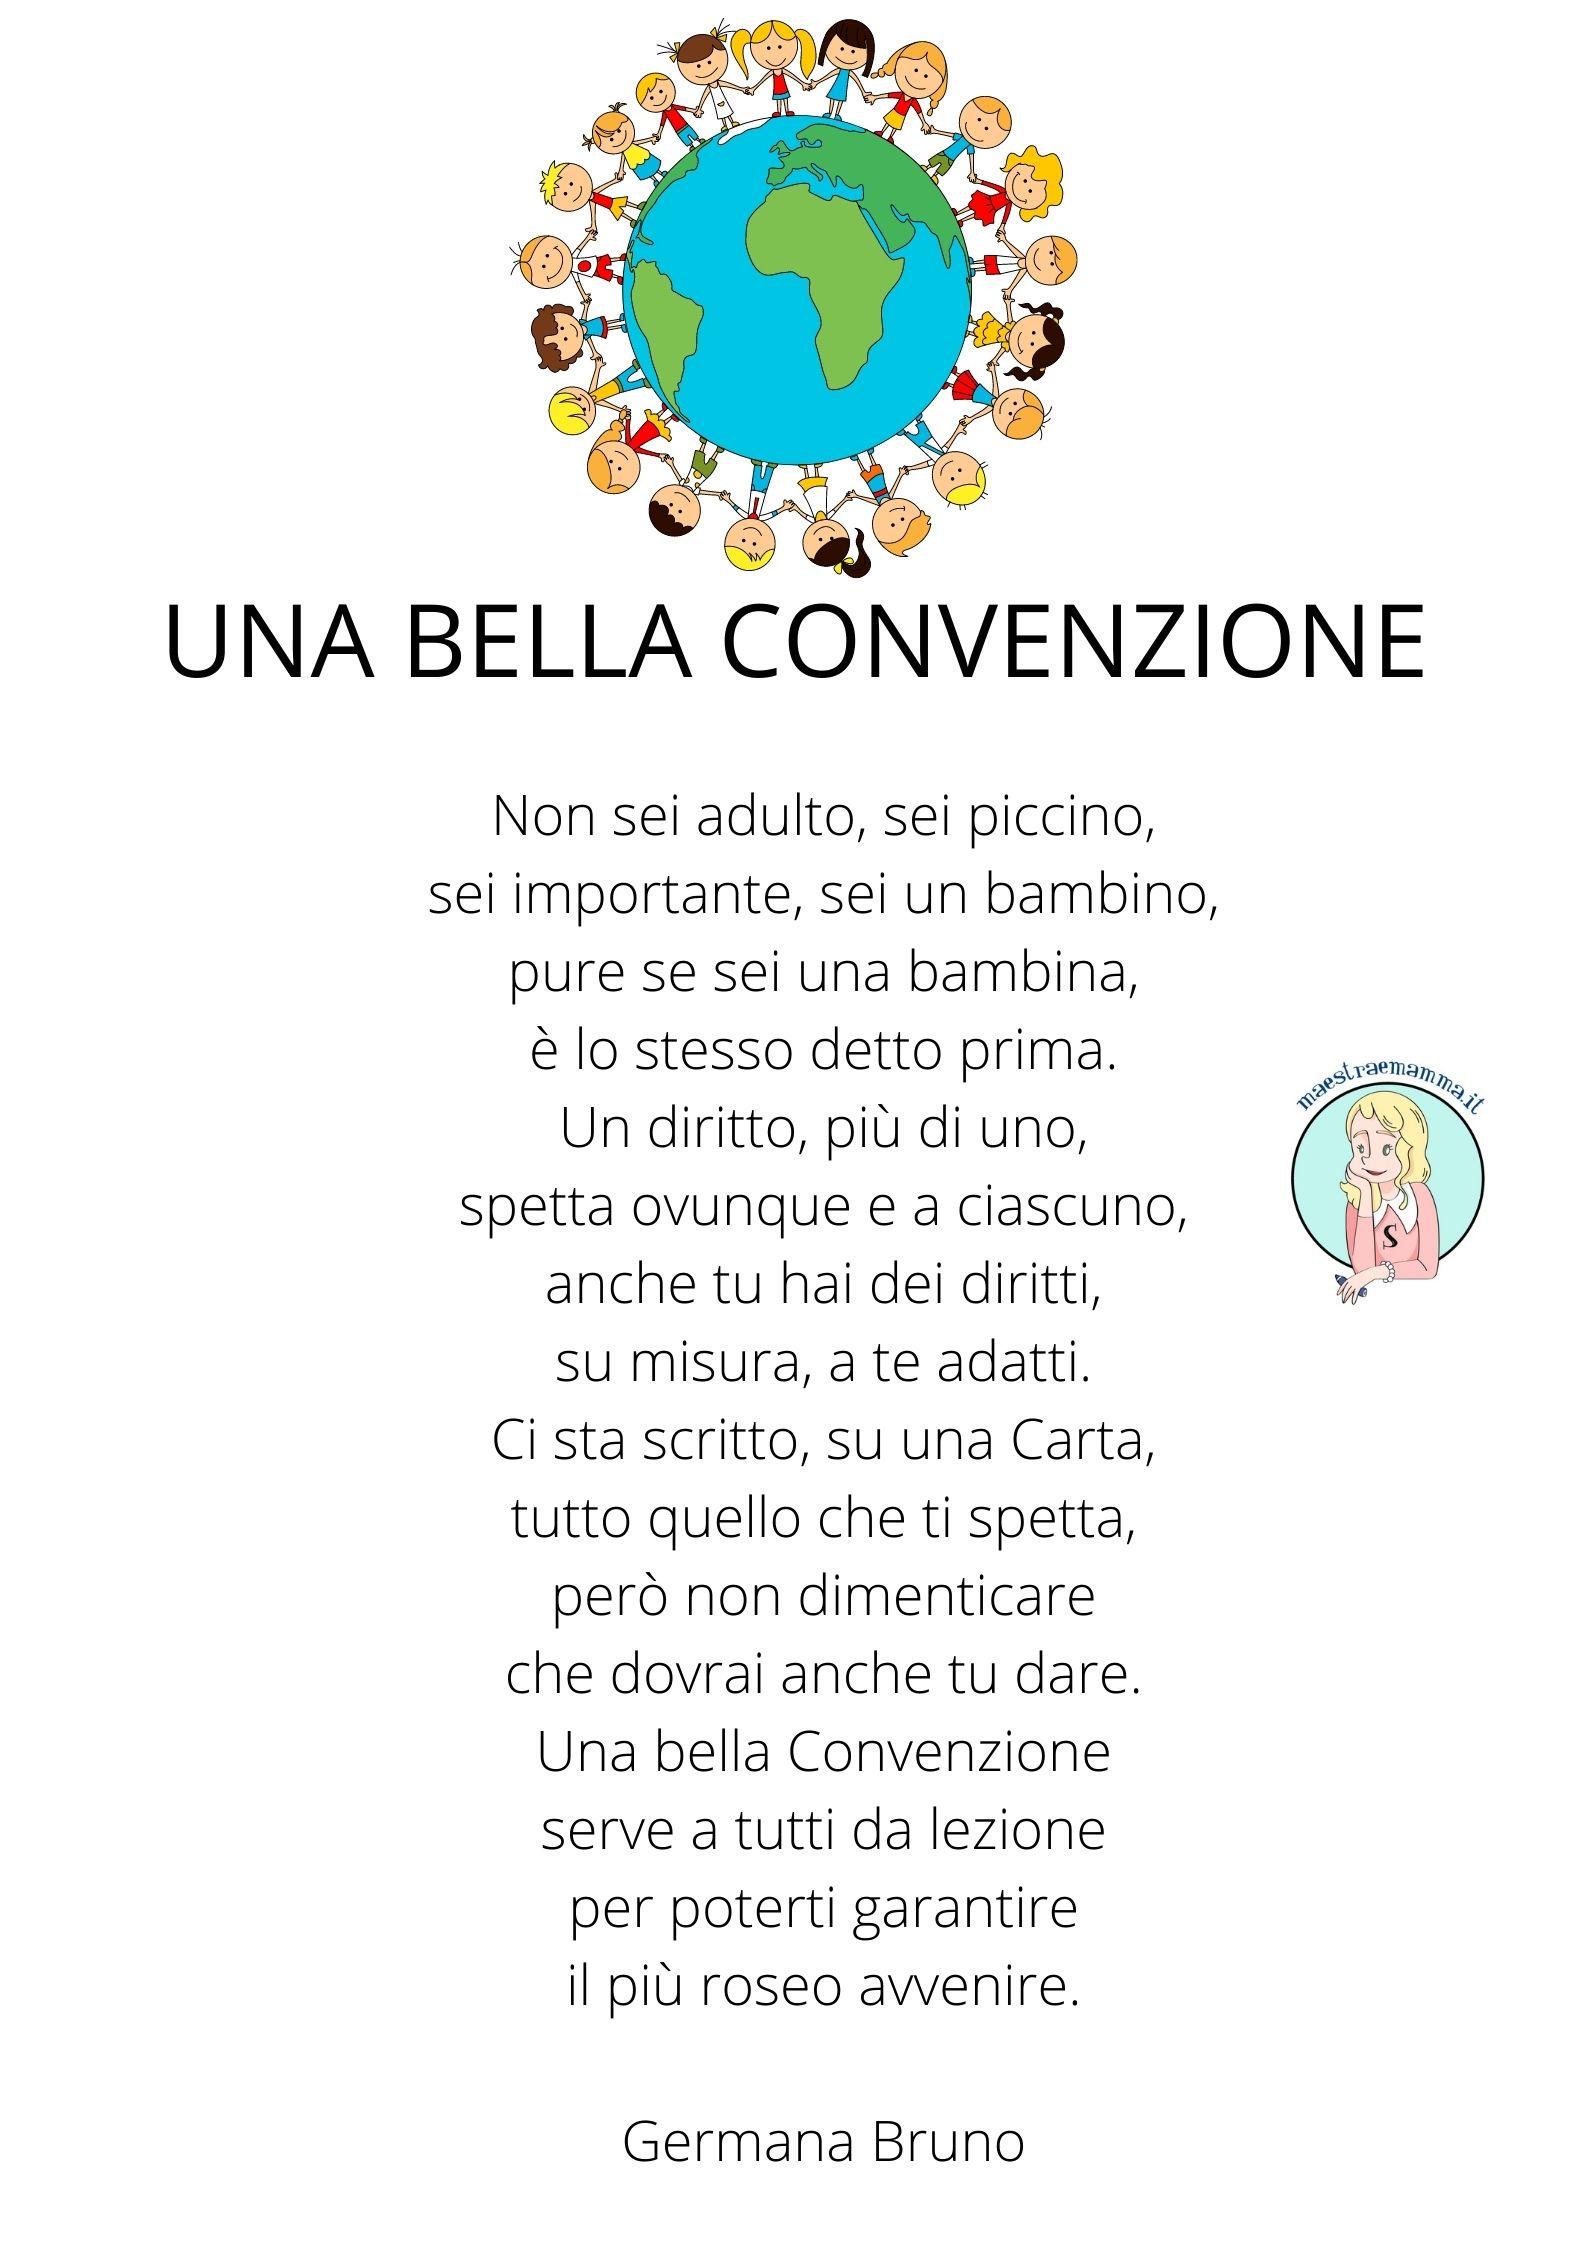 poesia germana bruno una bella convenzione unicef-20 novembre Giornata dei Diritti dei bambini